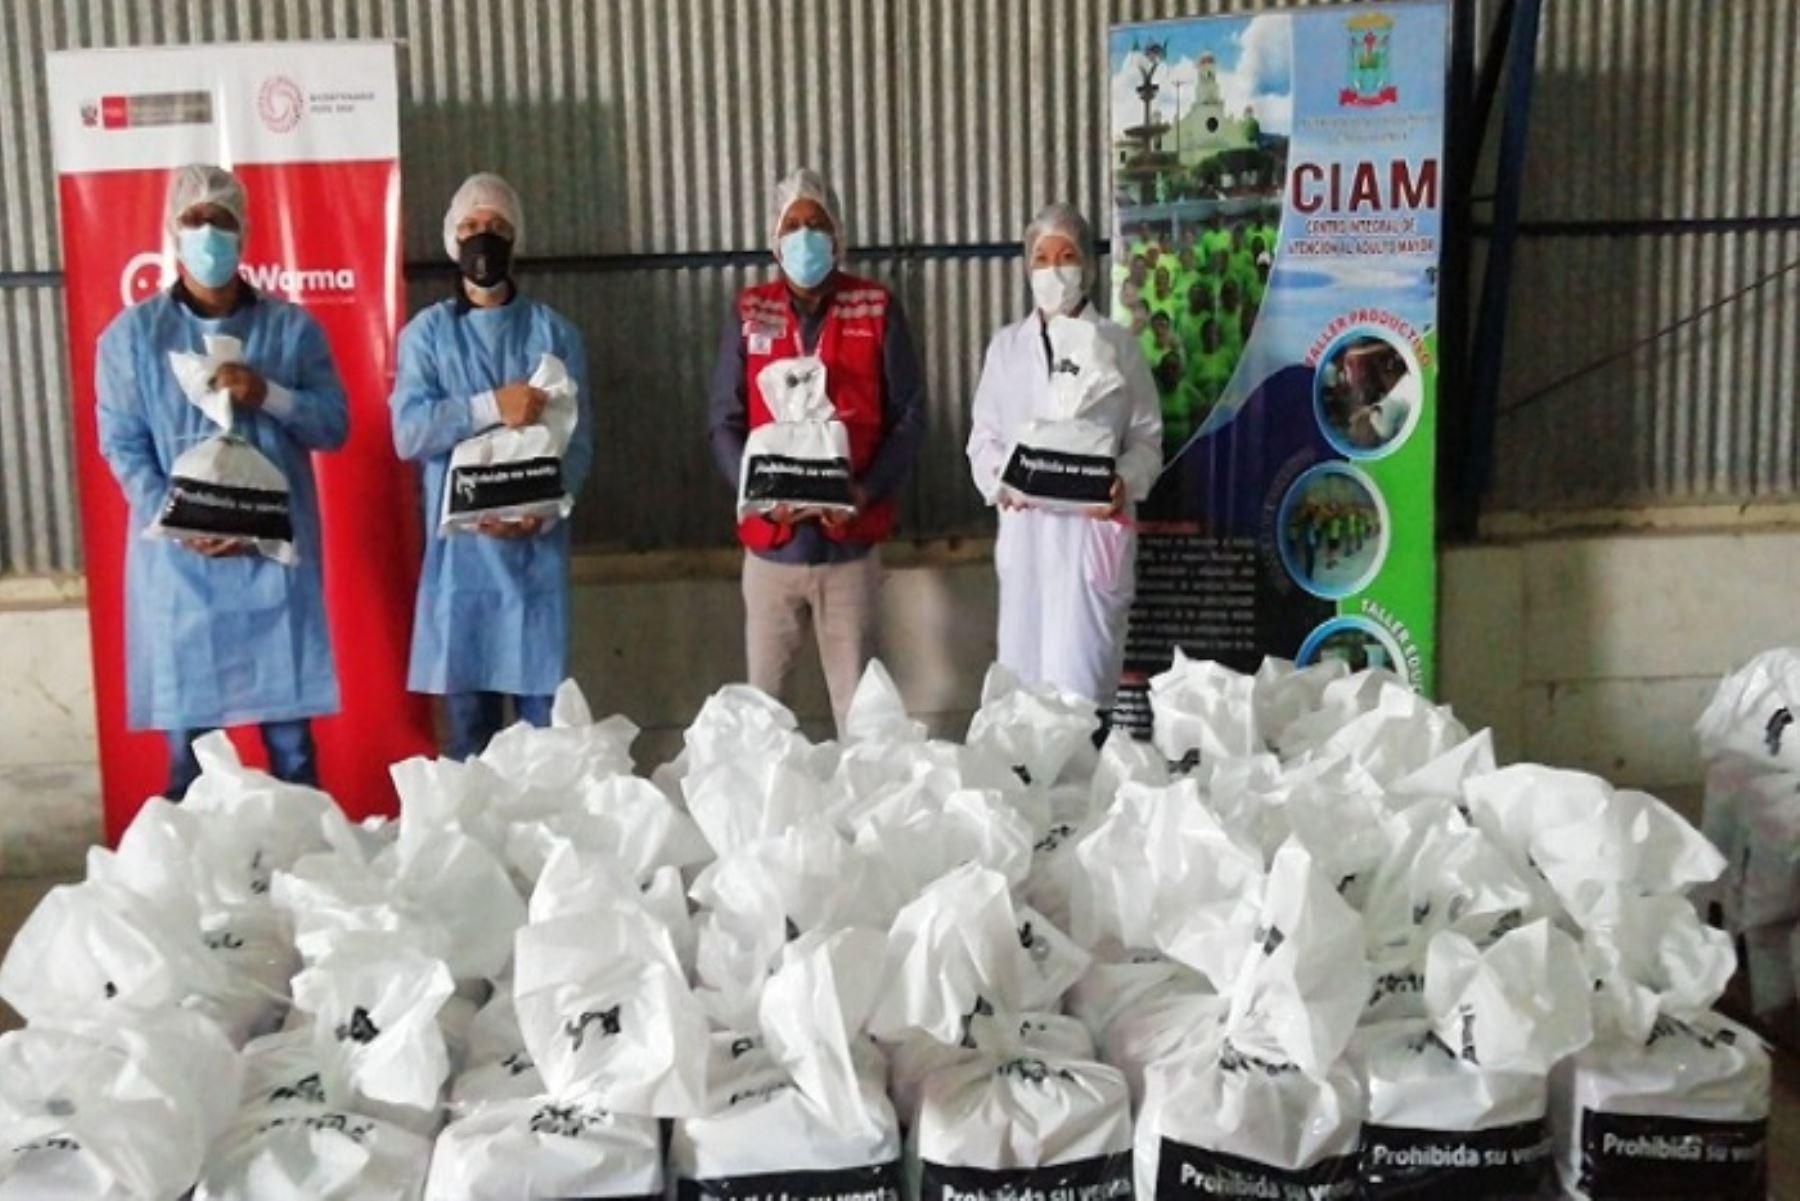 Qali Warma entrega más de 13 toneladas de alimentos a municipio de Moyobamba